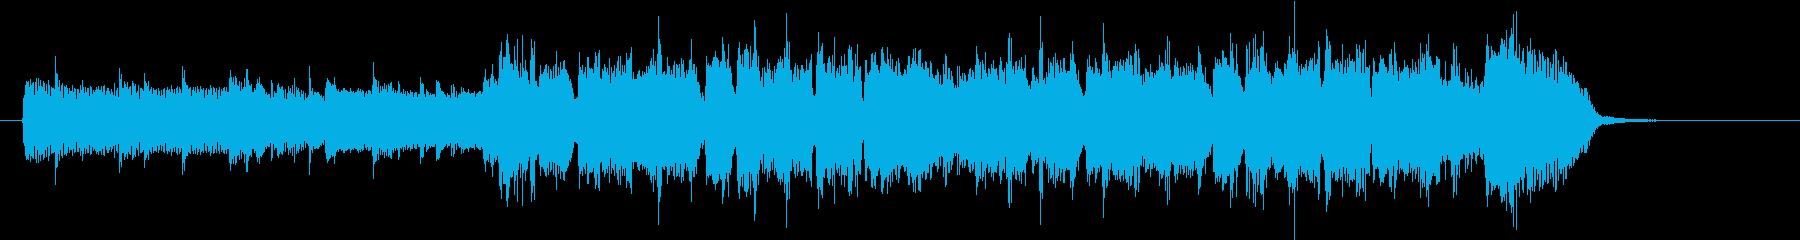 クールなバンド風のEDMのジングルの再生済みの波形